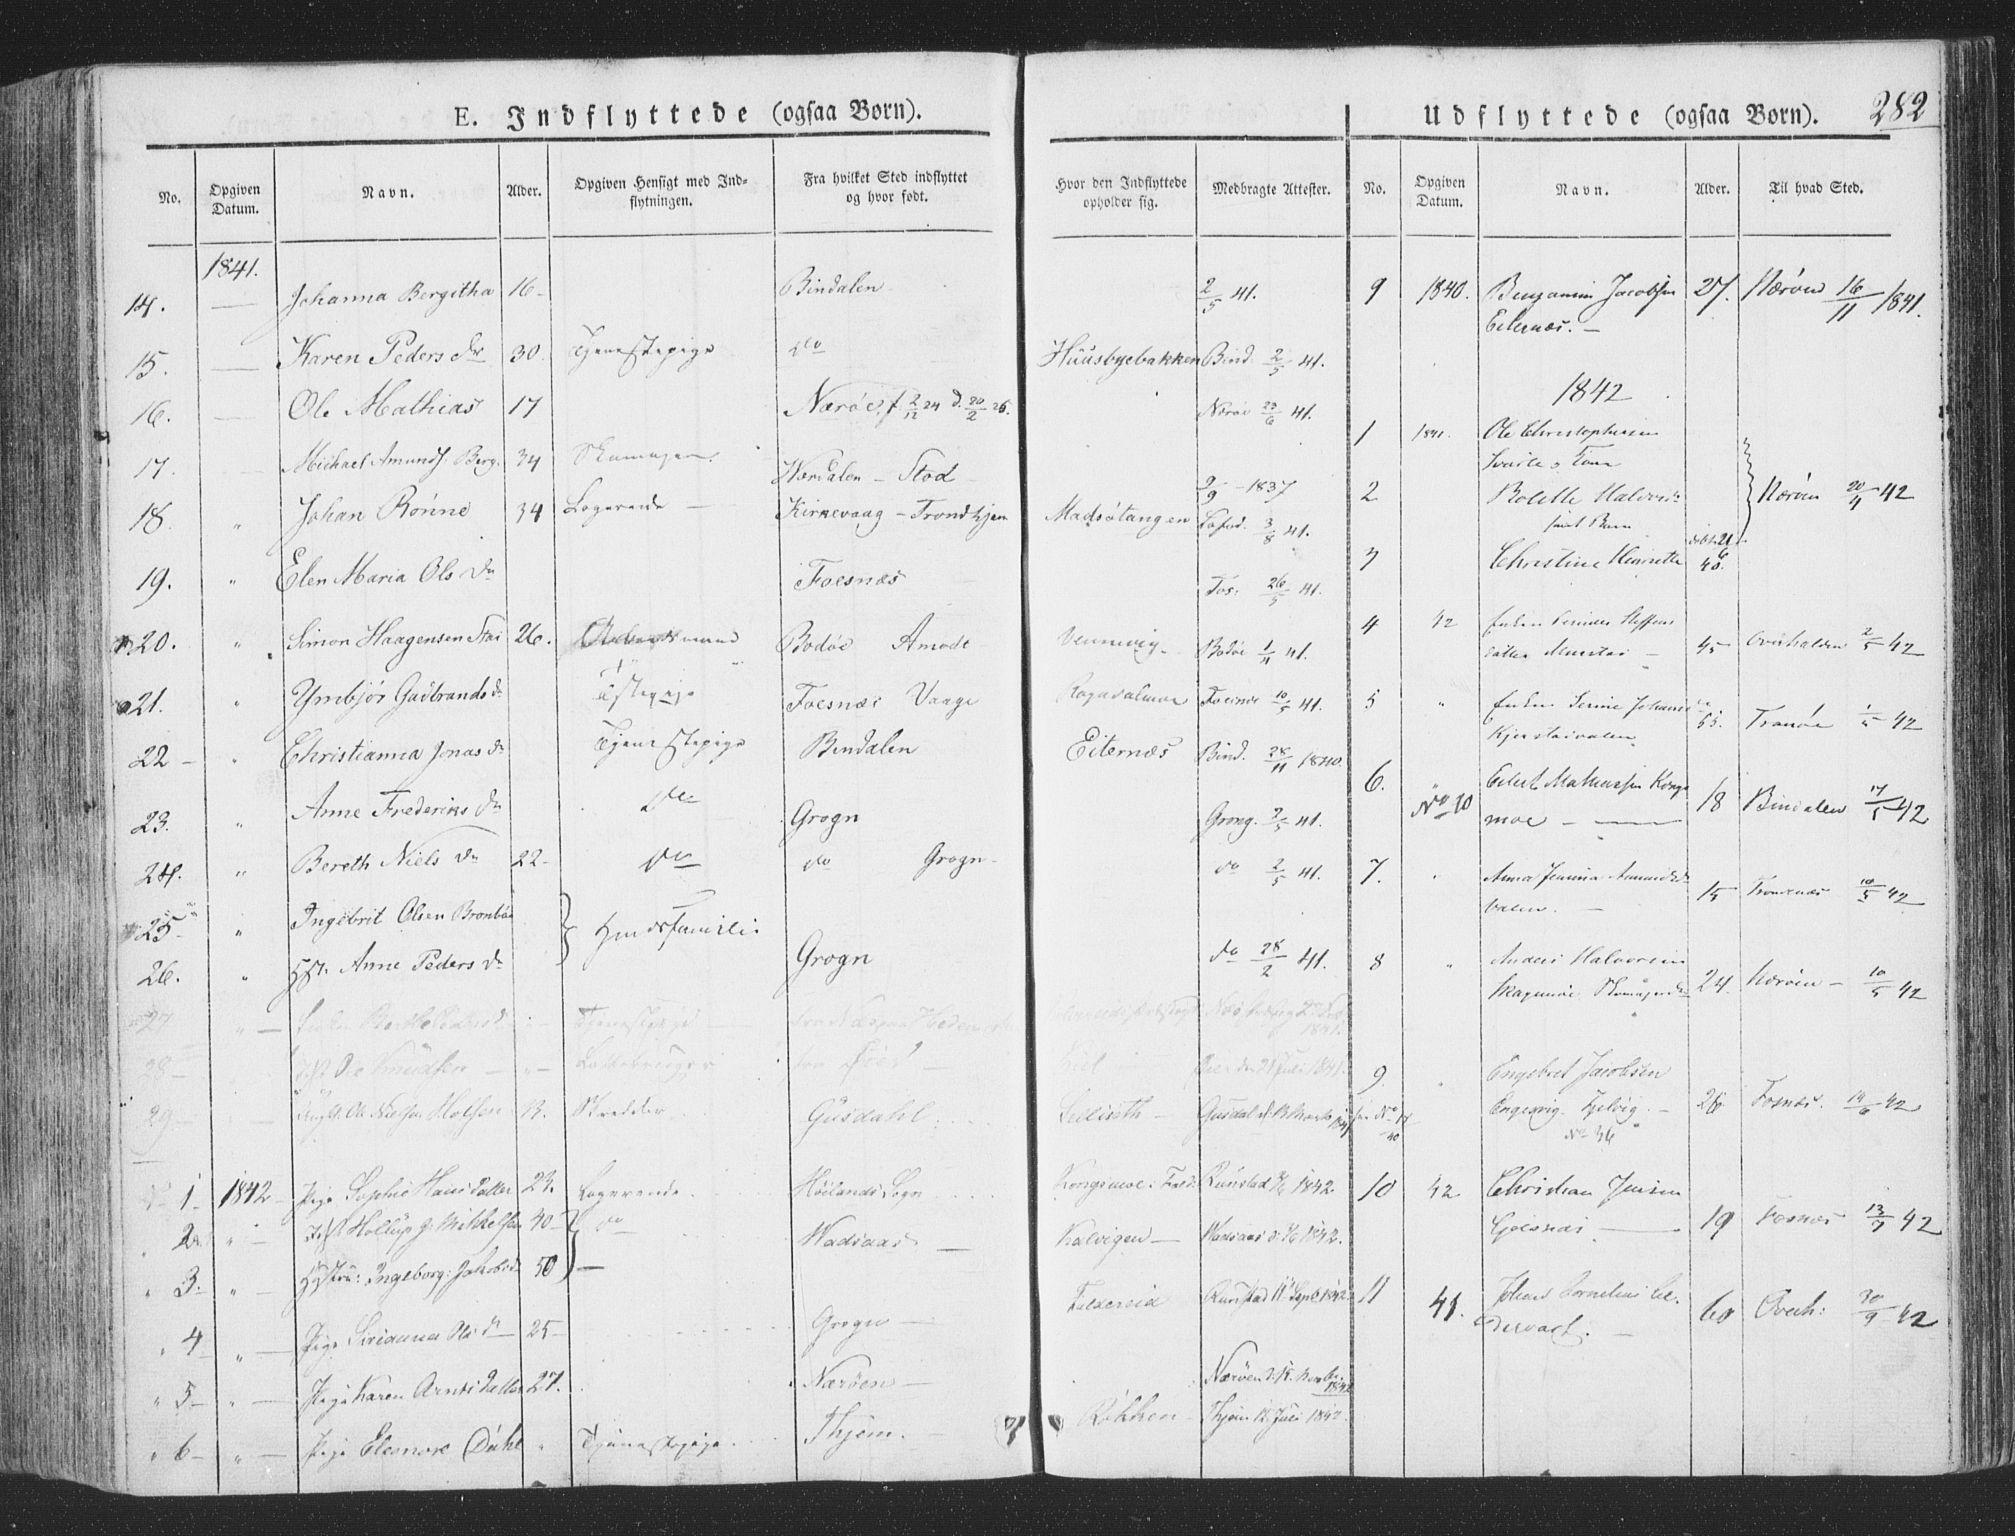 SAT, Ministerialprotokoller, klokkerbøker og fødselsregistre - Nord-Trøndelag, 780/L0639: Ministerialbok nr. 780A04, 1830-1844, s. 282